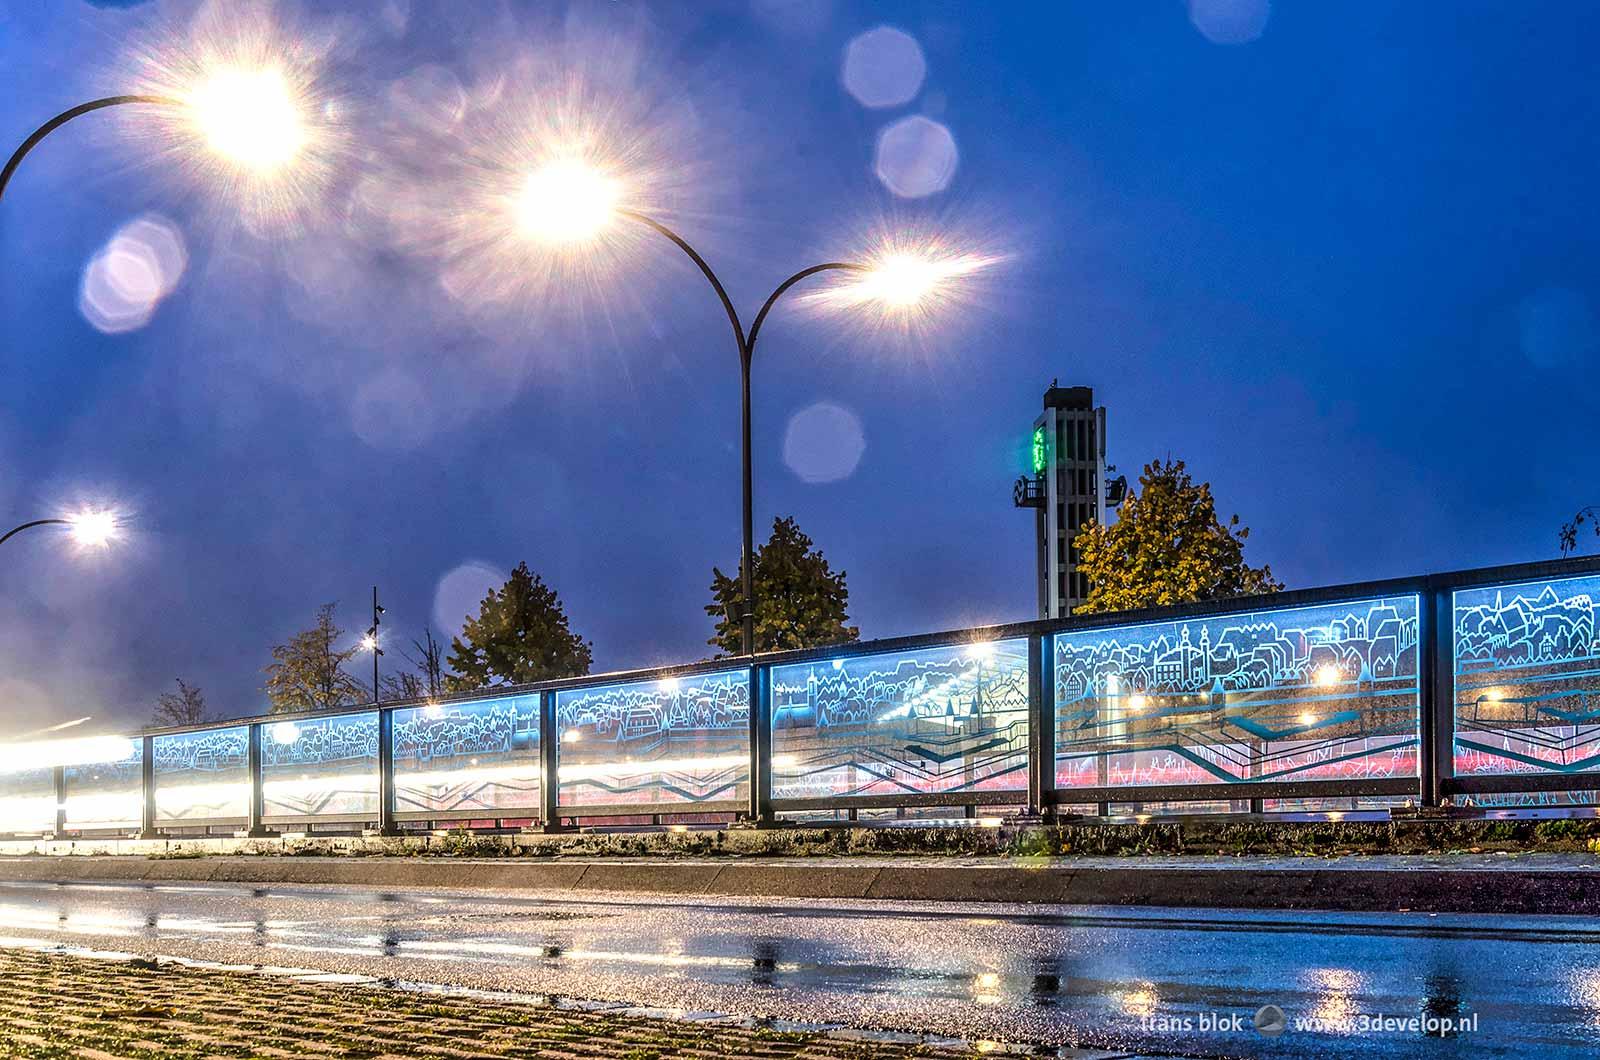 Foto van de glaspanelen op het Koninginneplein in Venlo, gemaakt met regenachtig weer tijdens het blauwe uur.